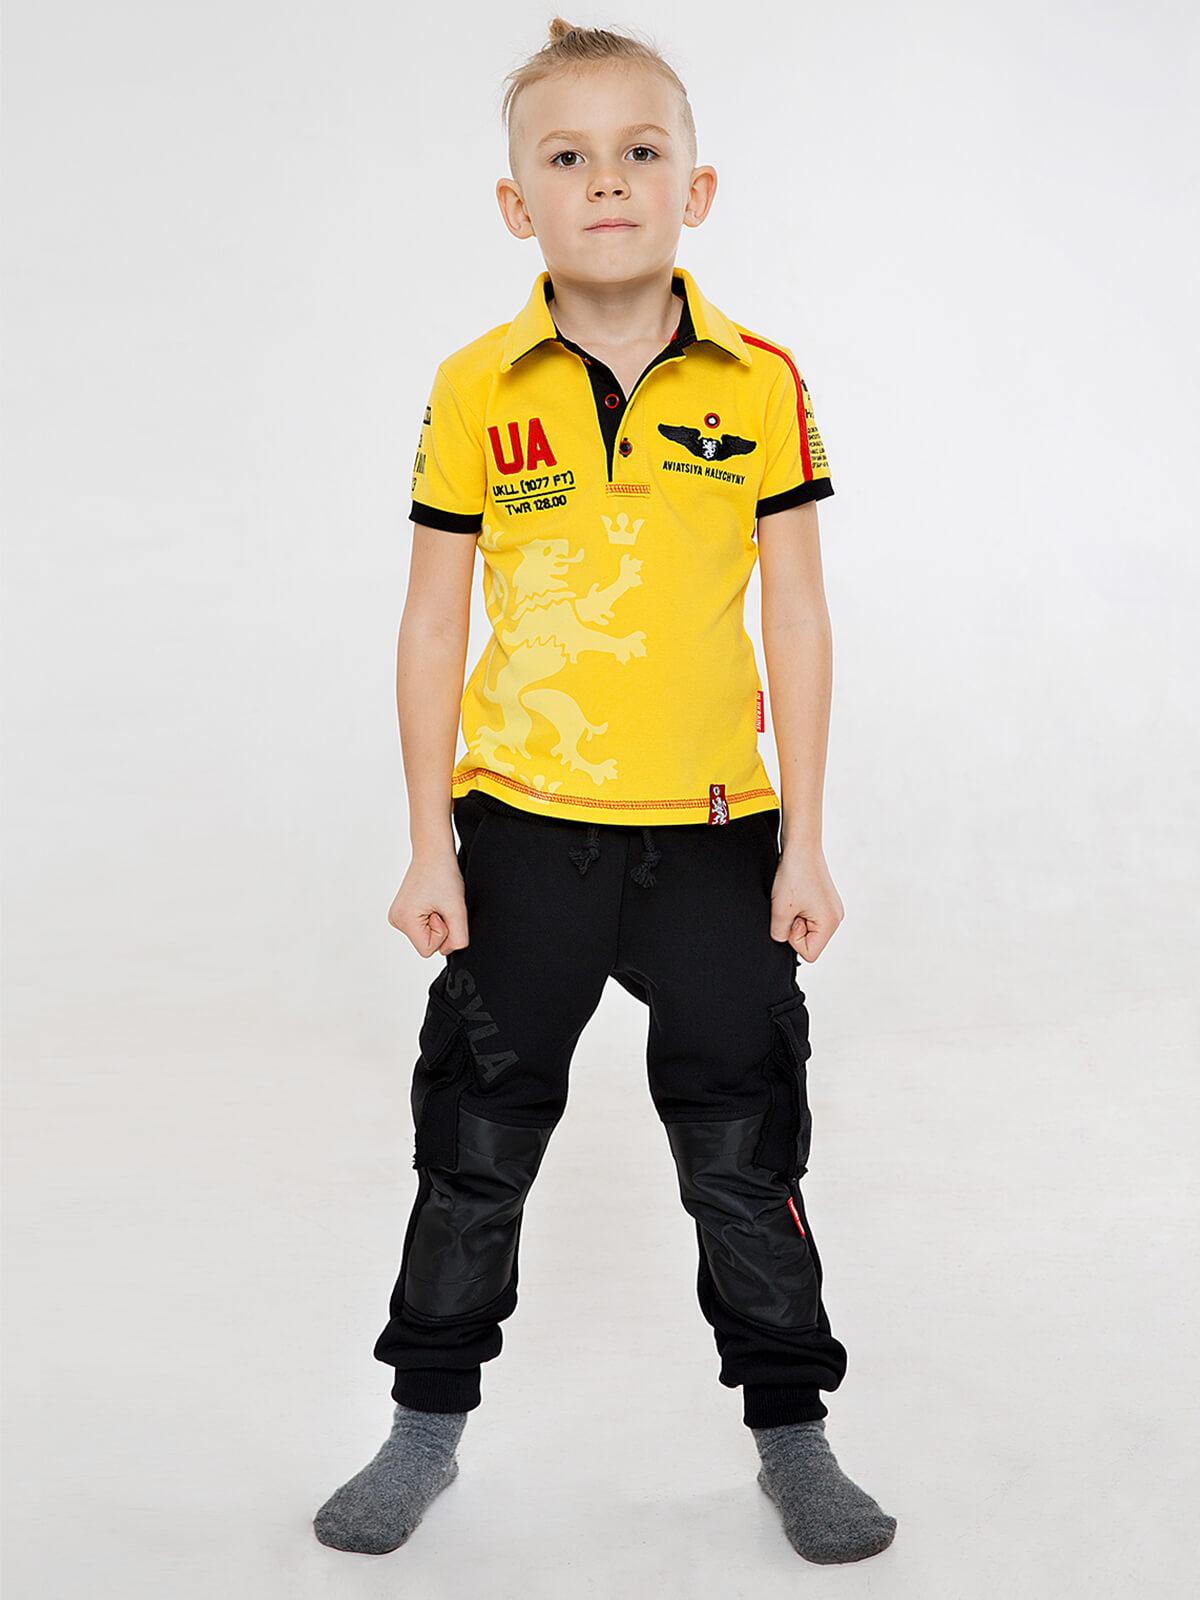 Дитяче Поло Follow Me. Колір жовтий. 2.